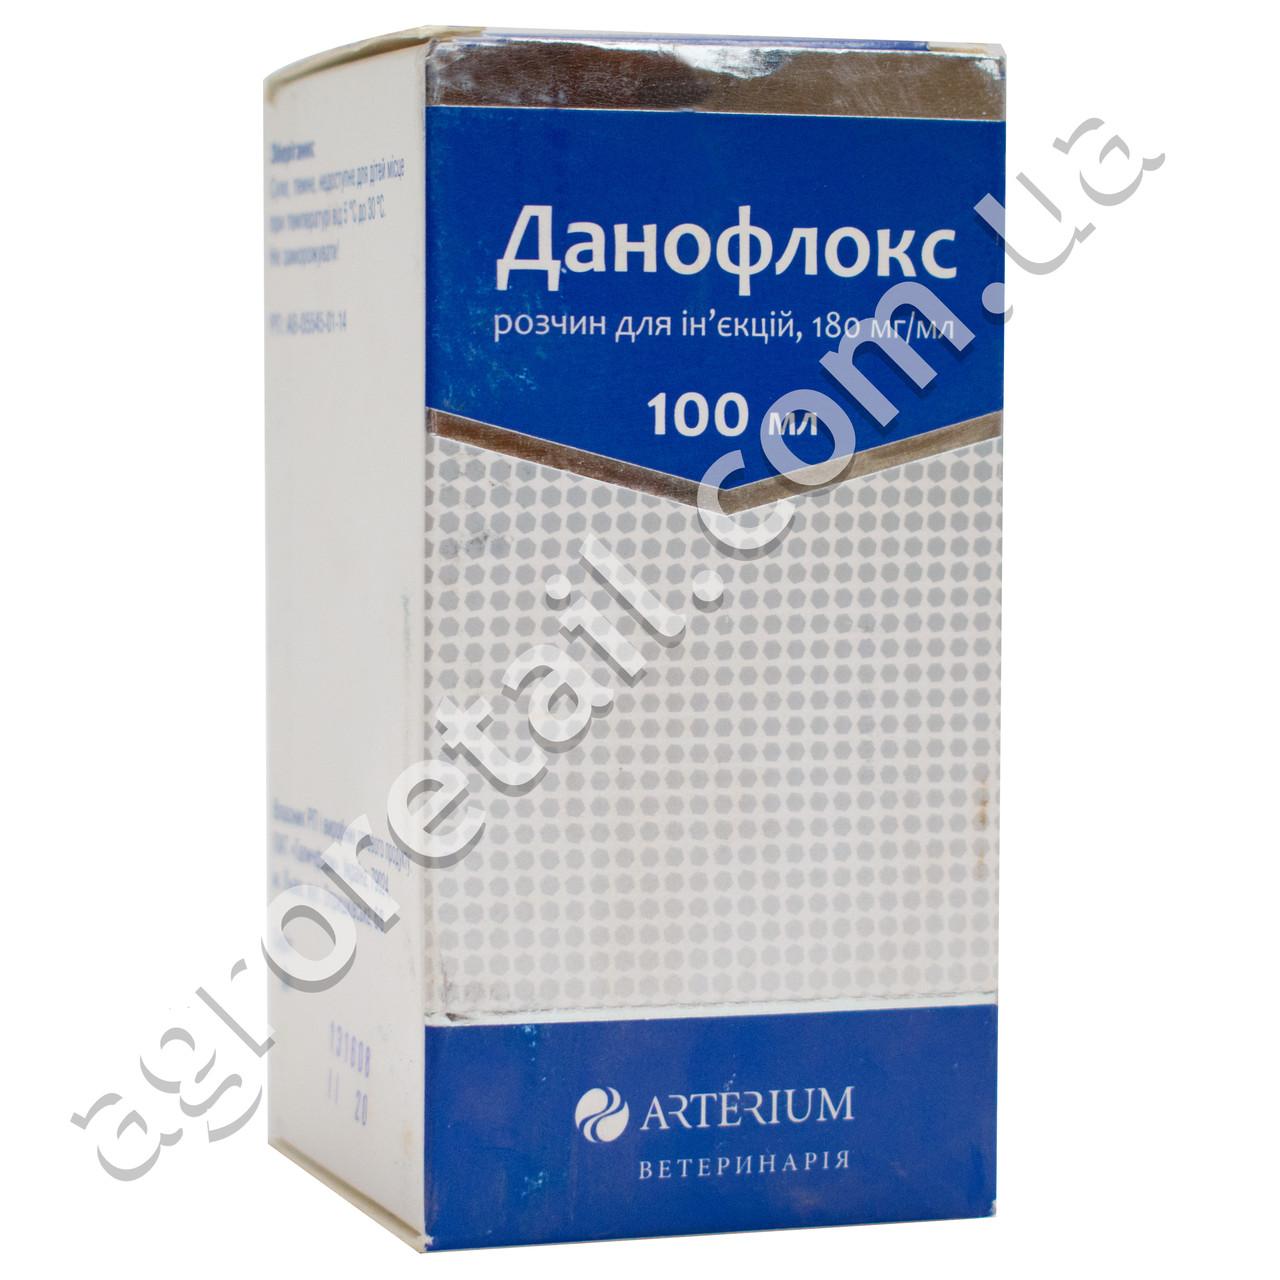 Данофлокс 100 мл